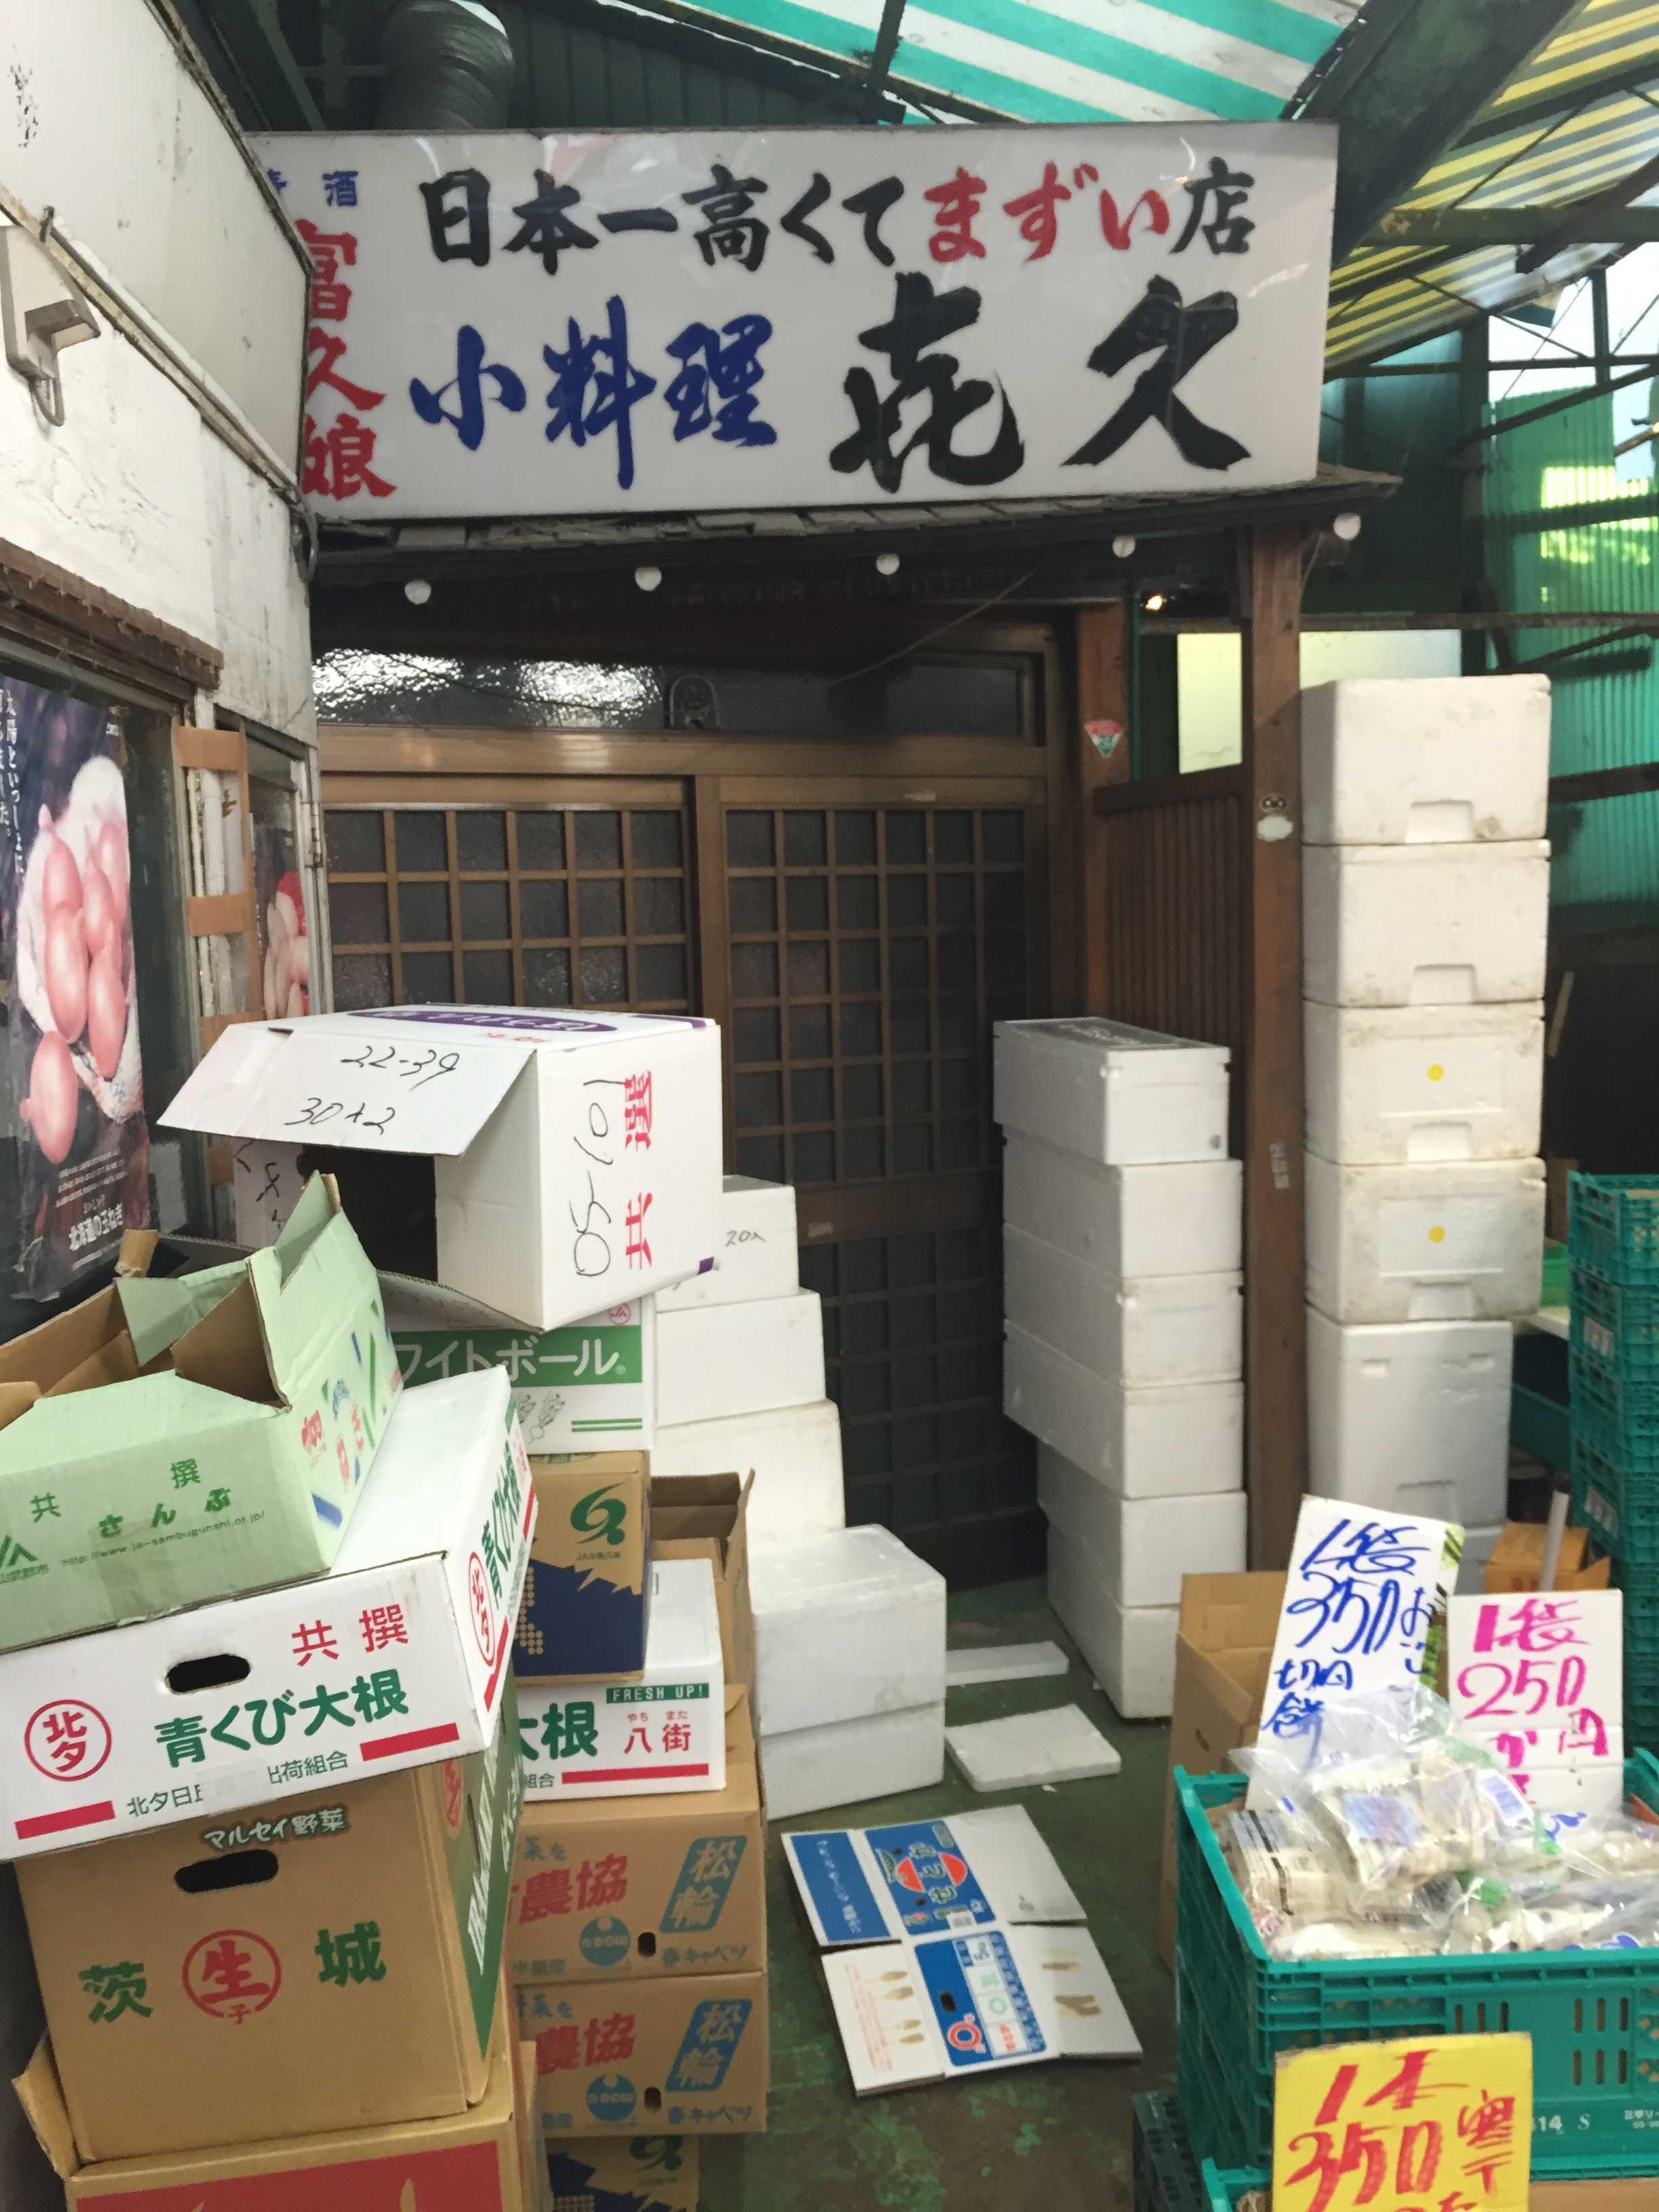 日本一高くてまずい店 小料理「喜久」 - 希望ヶ丘ショッピングセンター